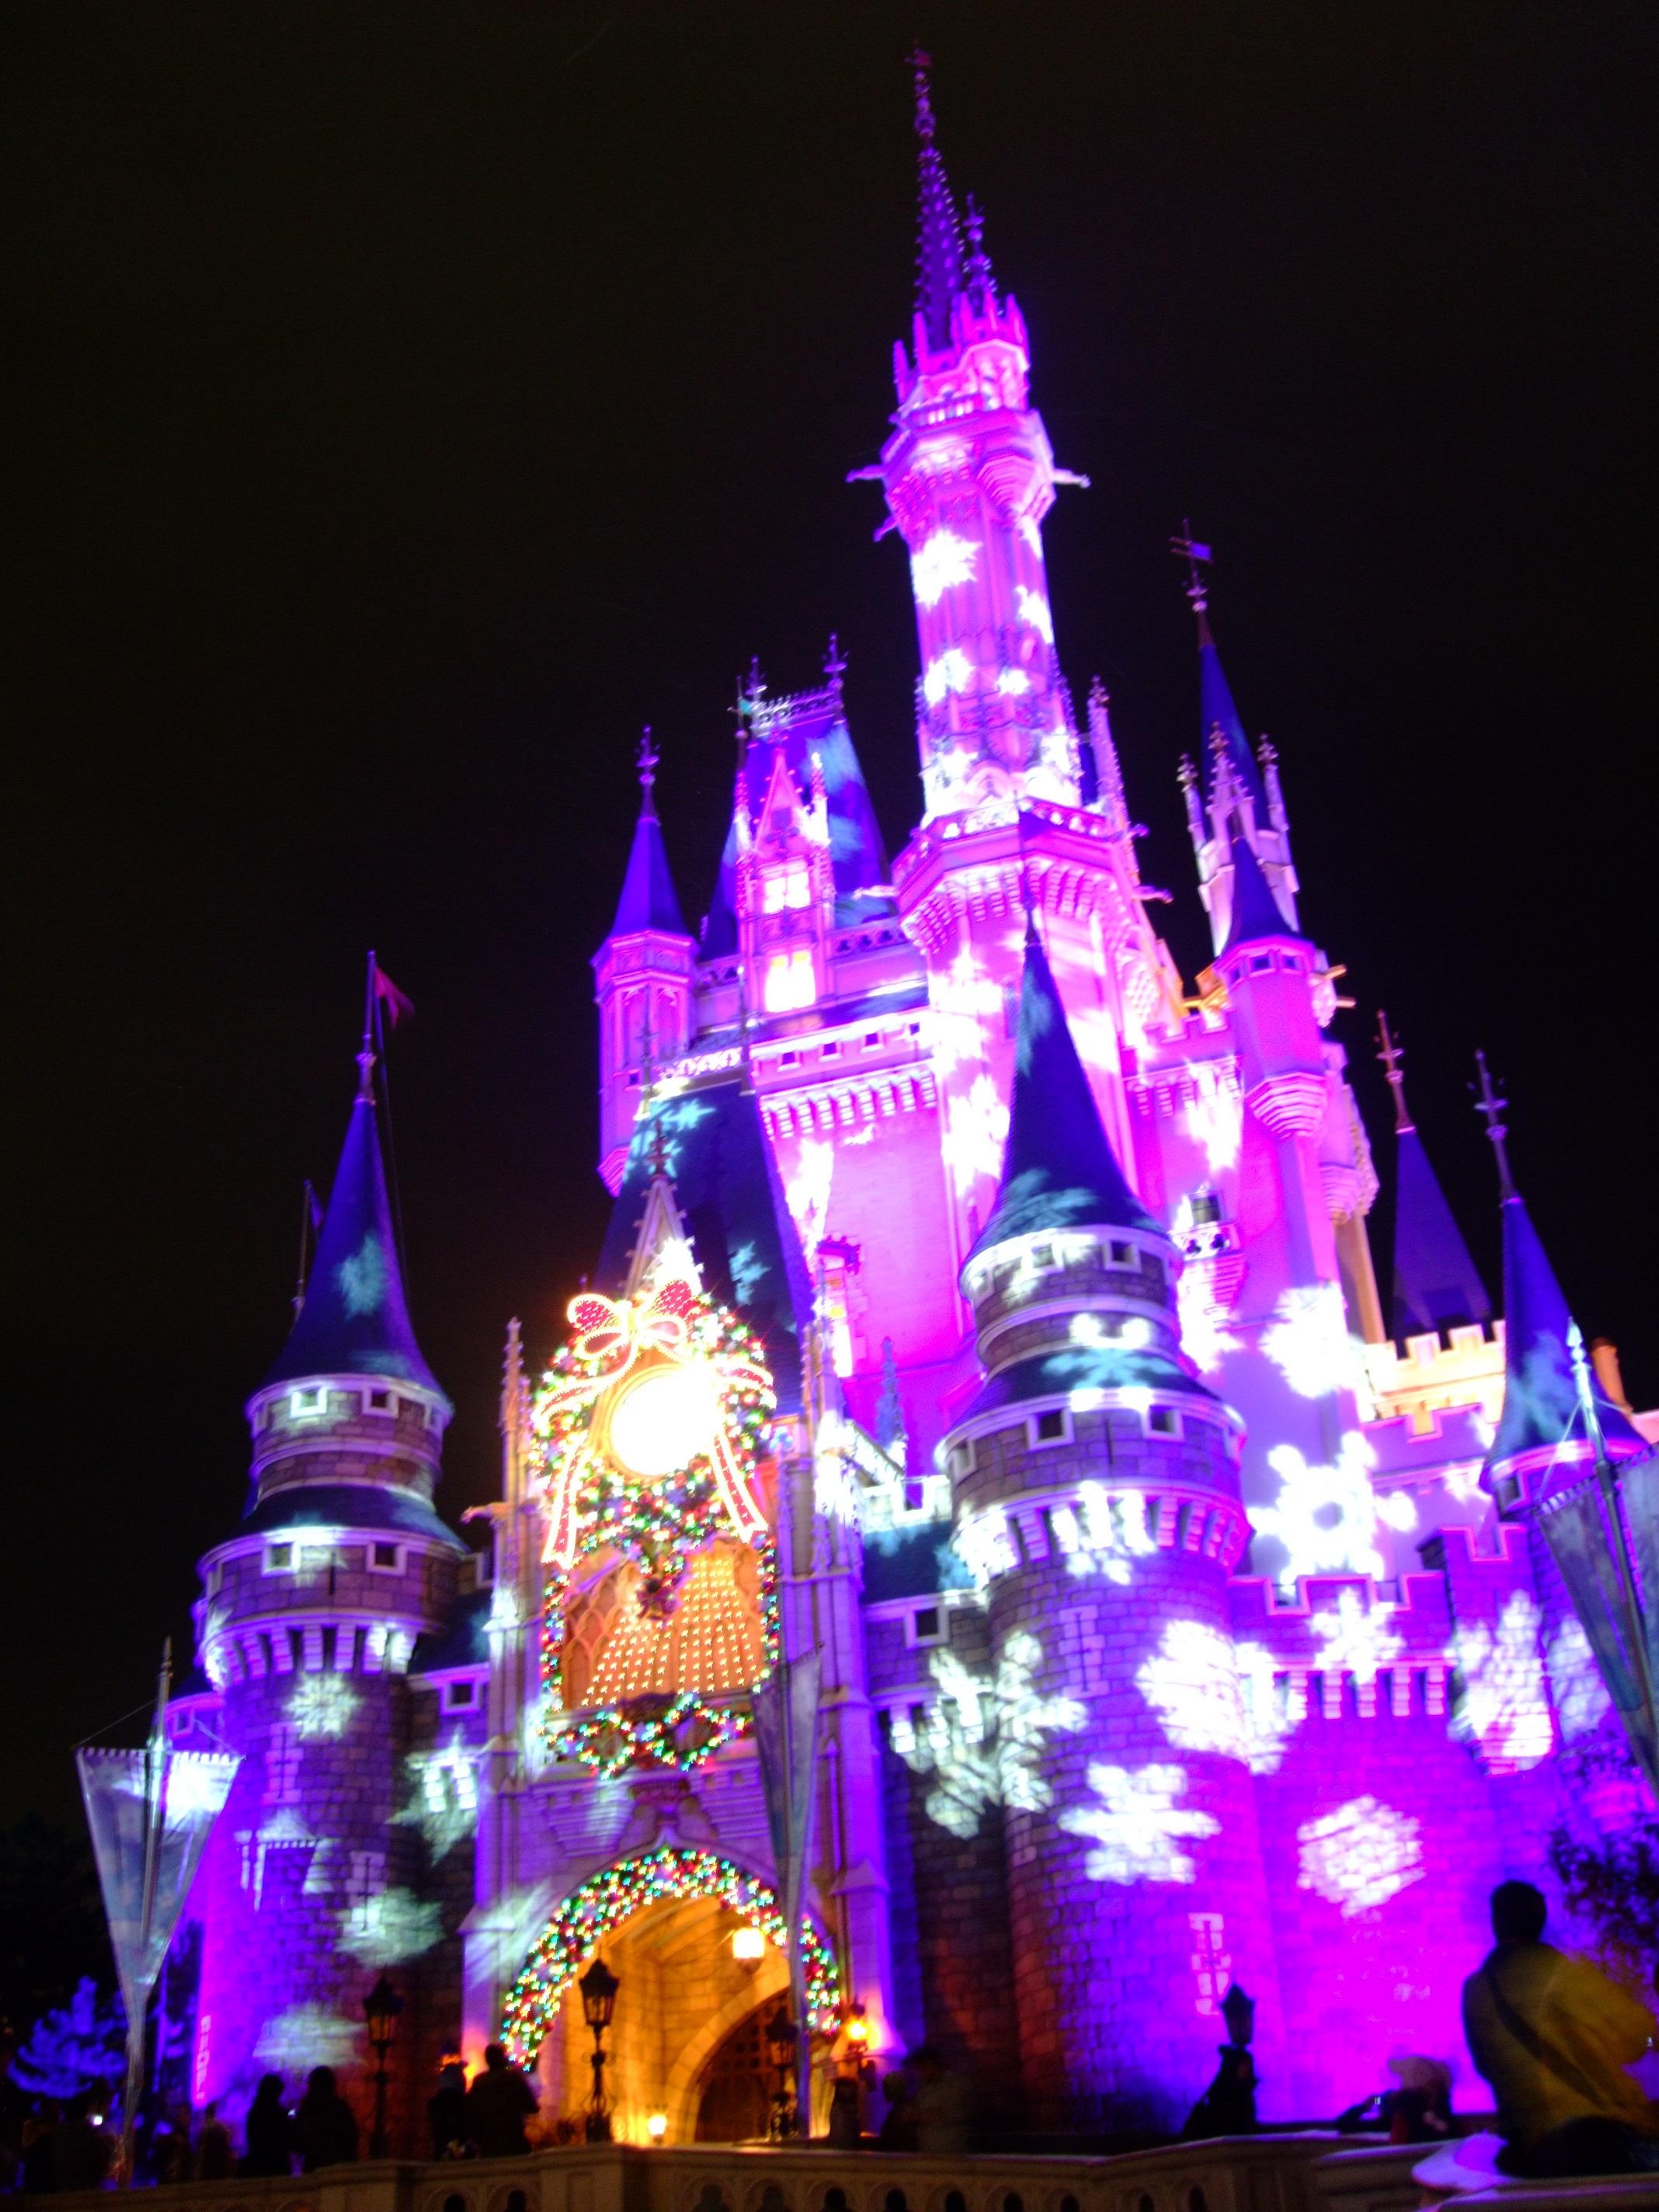 ディズニークリスマスファンタジー☆2010 今年もまずランドから